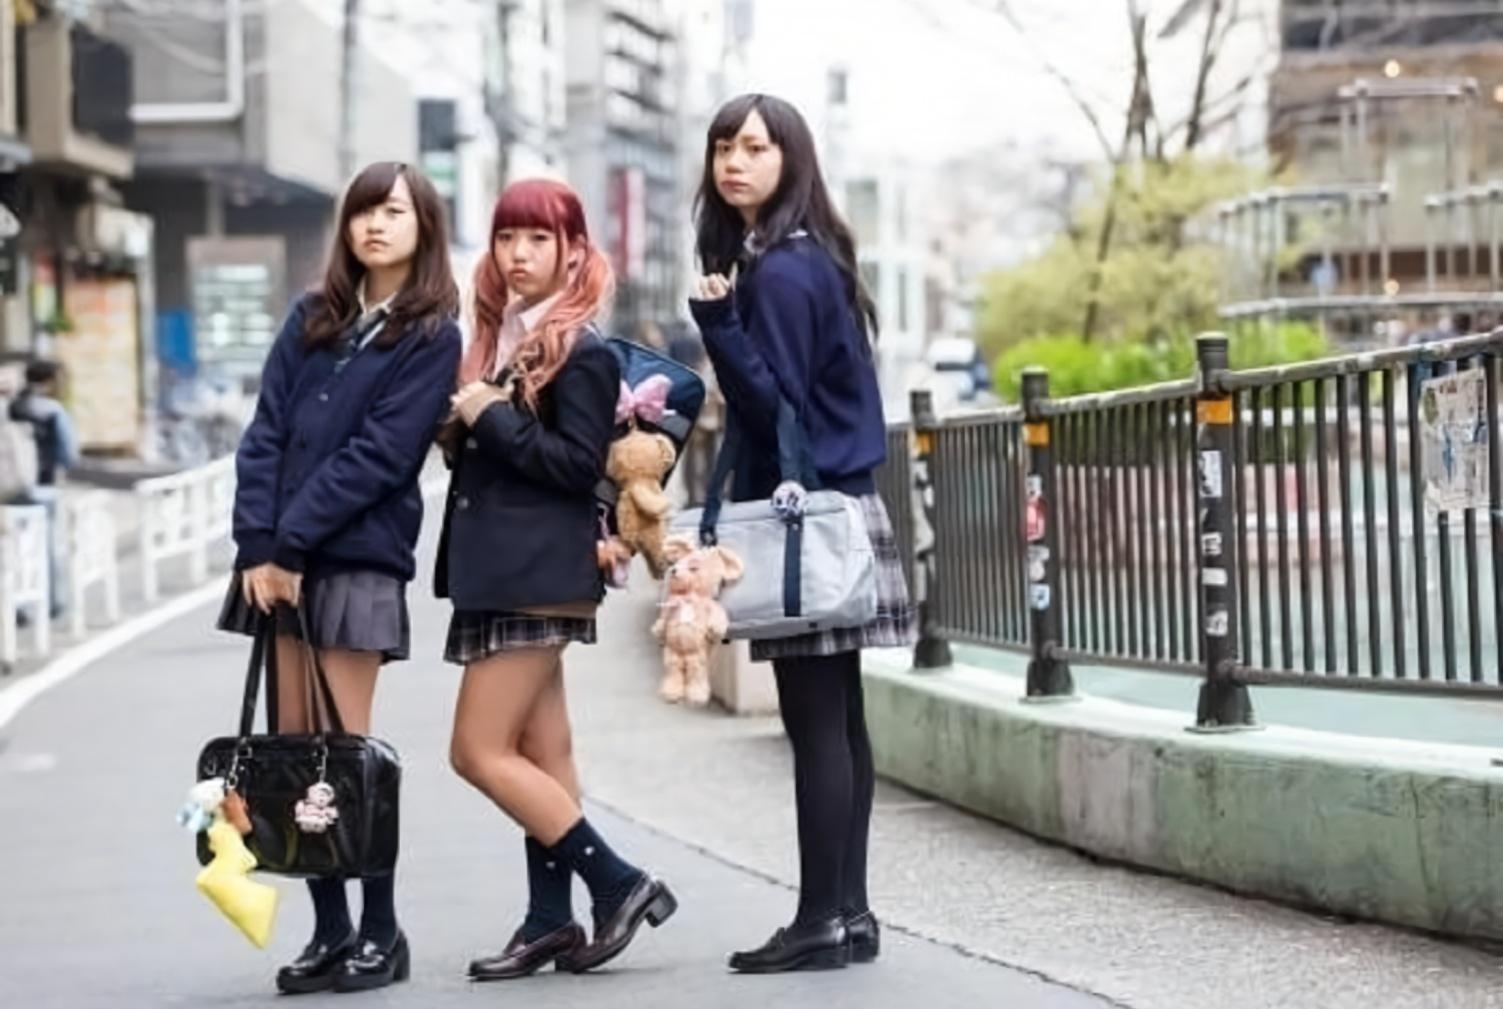 为什么日本妹子就不怕冷?大冬天还光着腿?有啥秘诀吗?